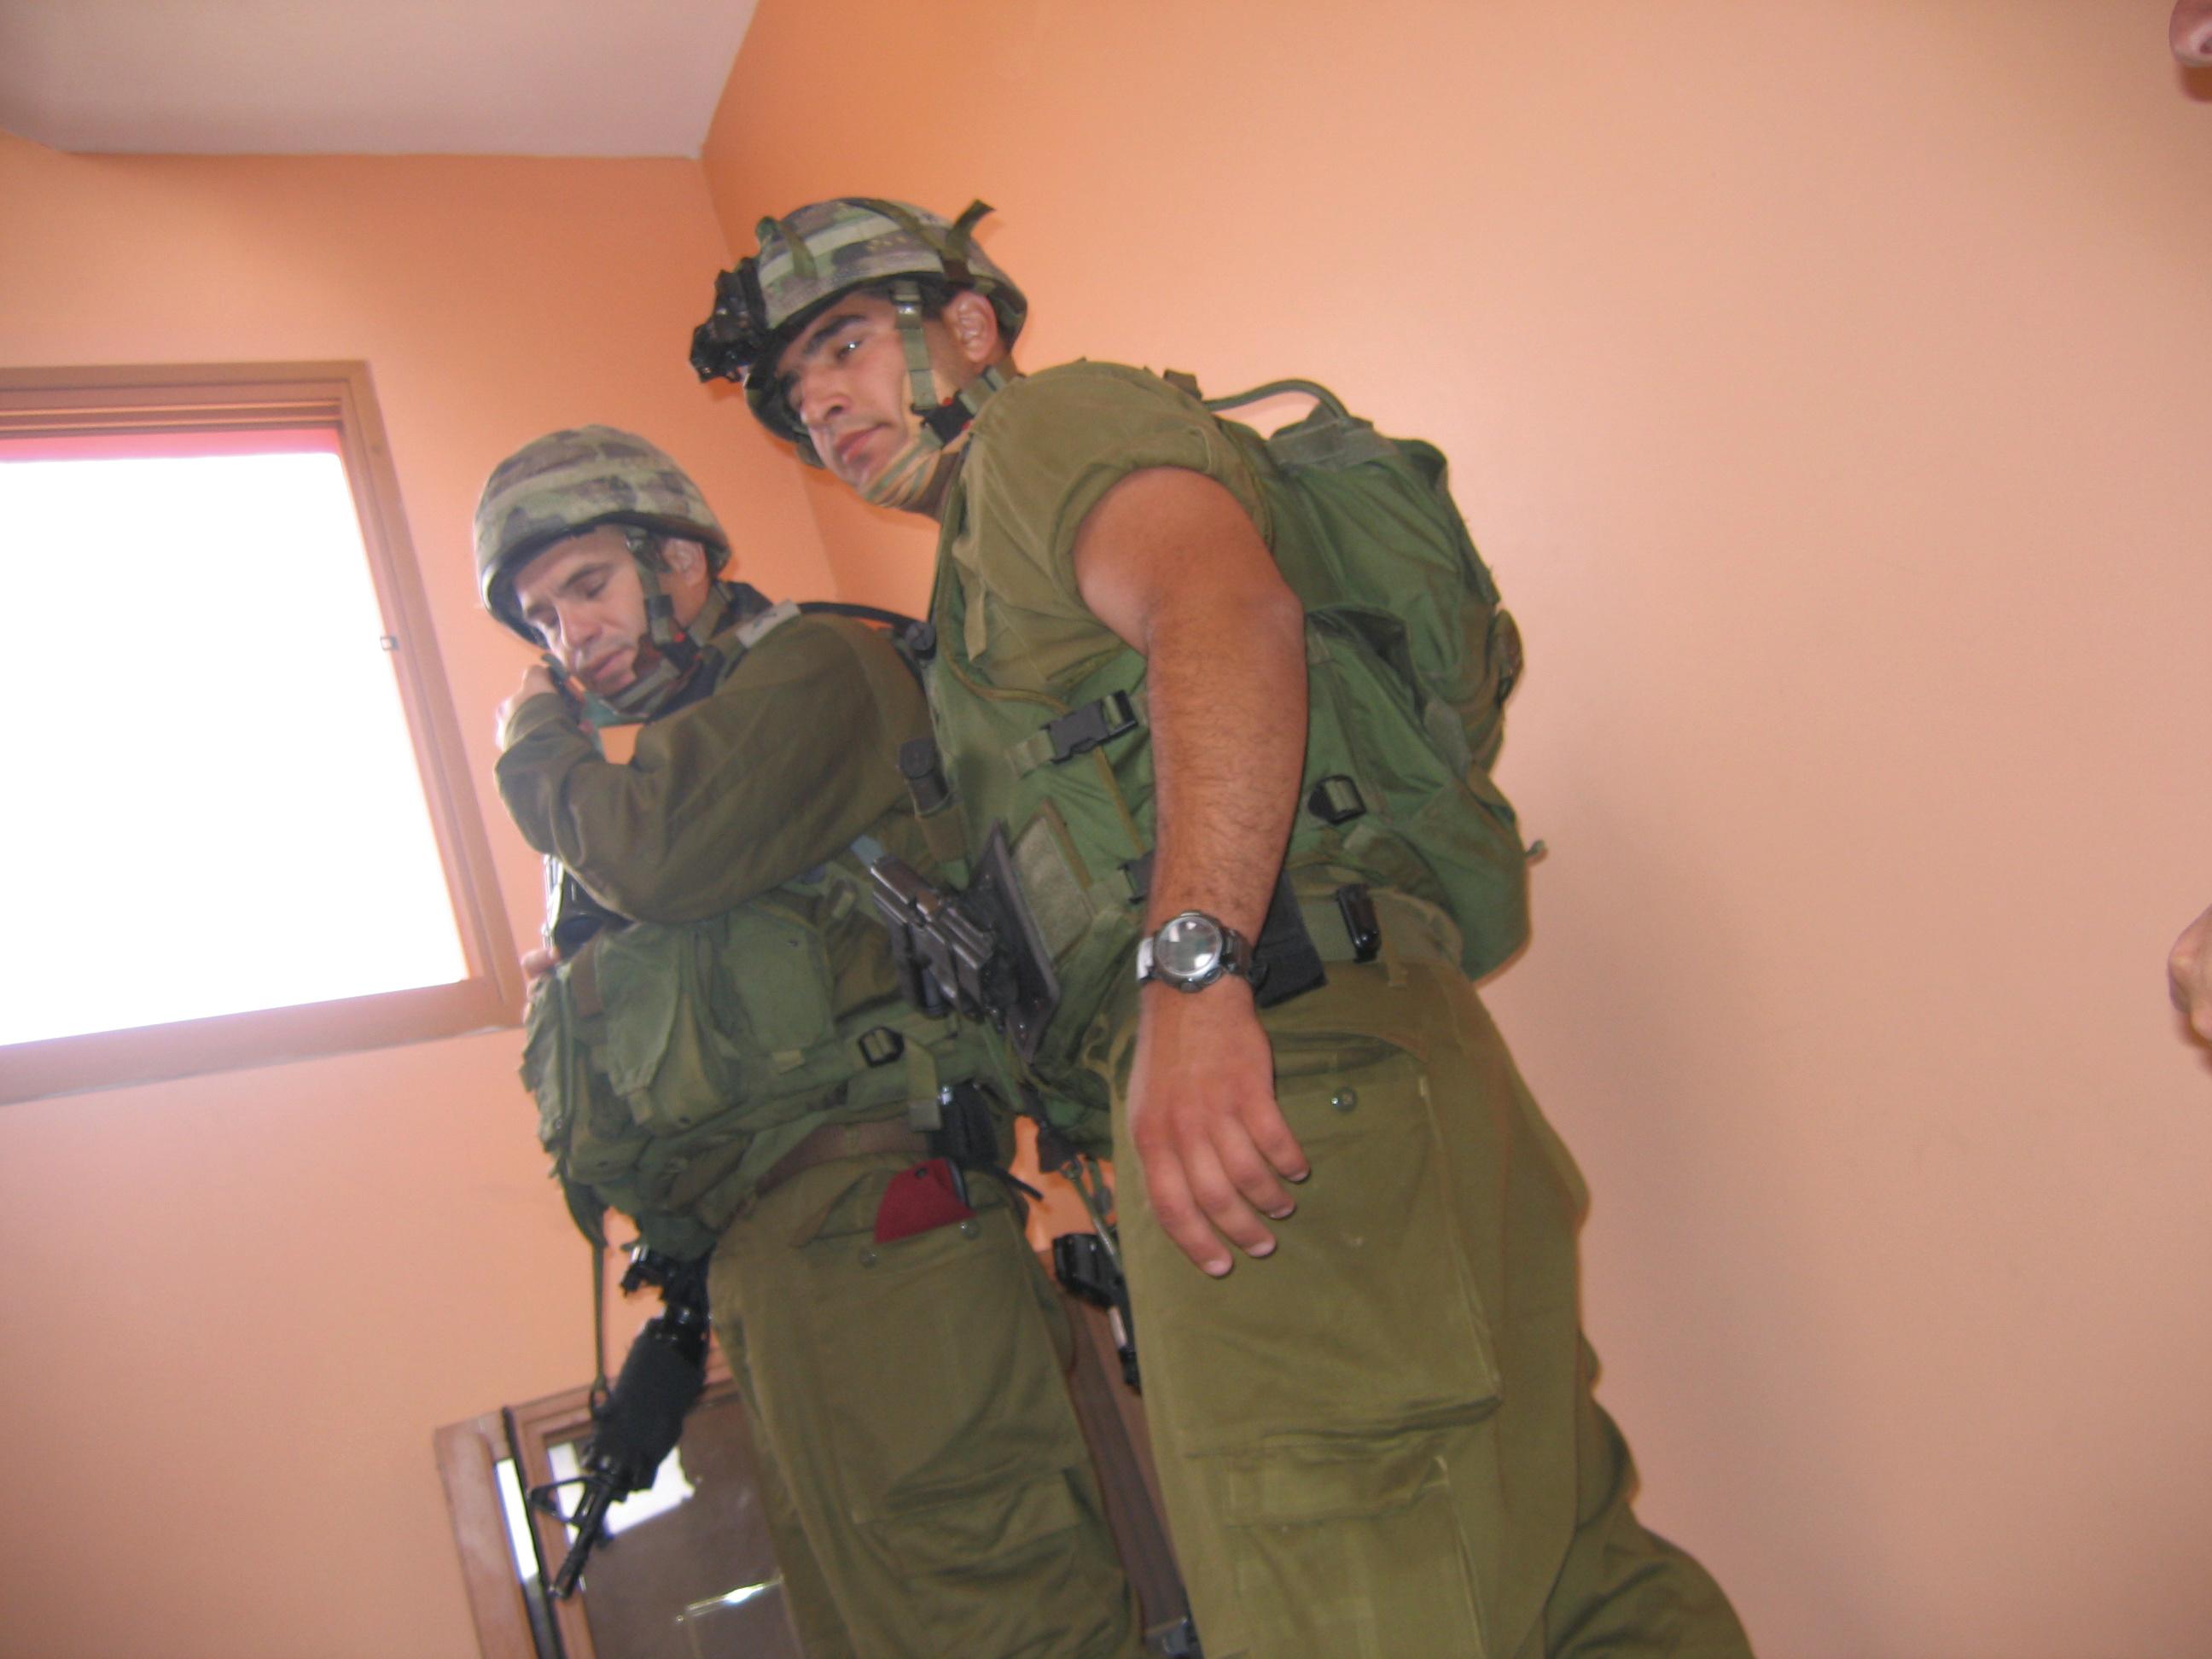 מפקד אוגדה במלחמה בתוך בית לבנוני